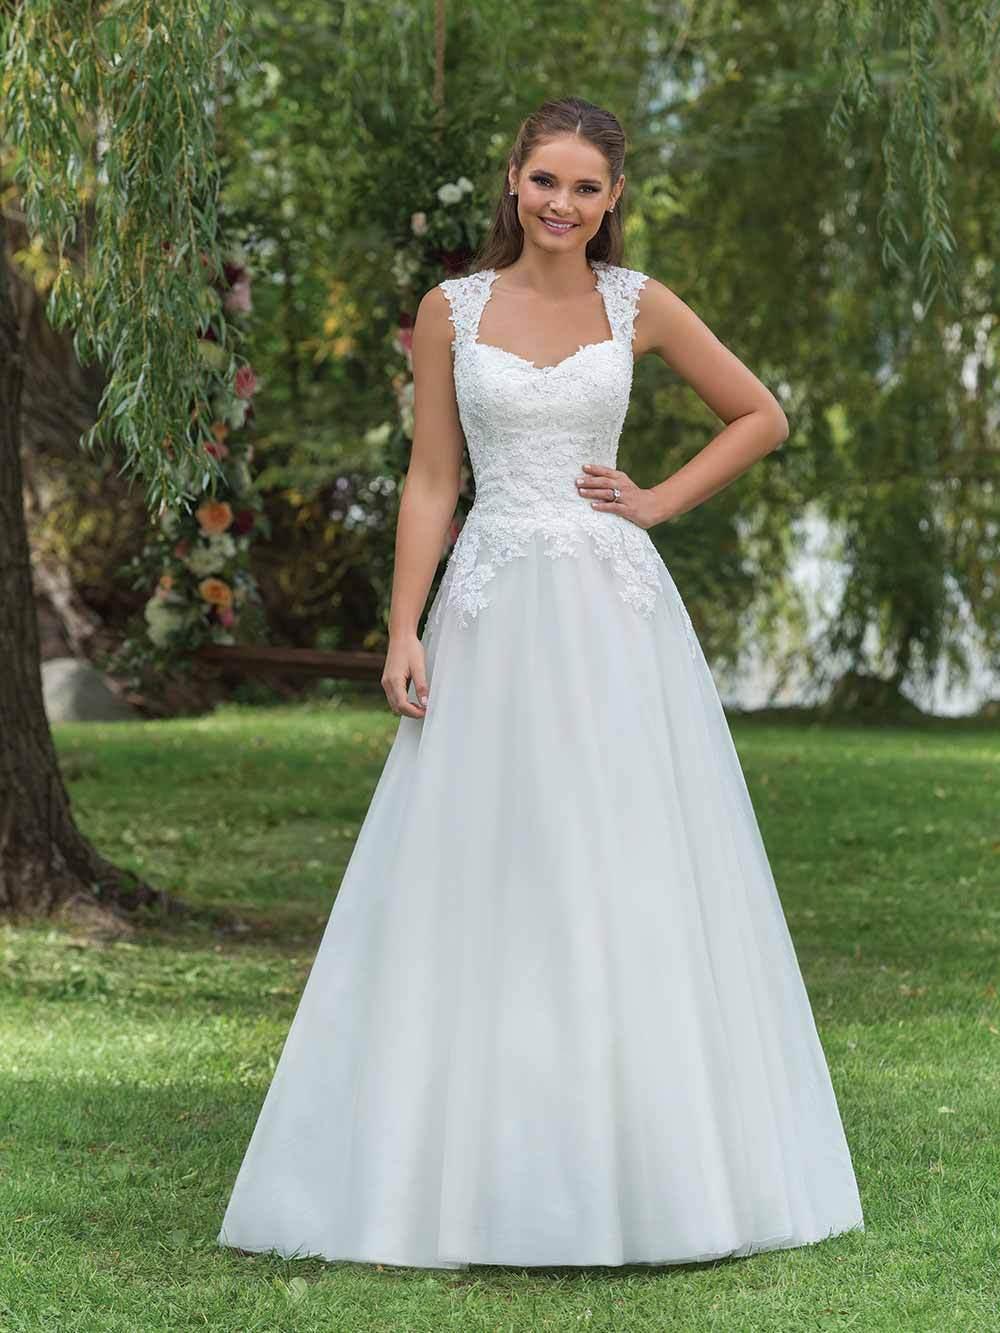 Sincerity und Brautkleider aus den USA